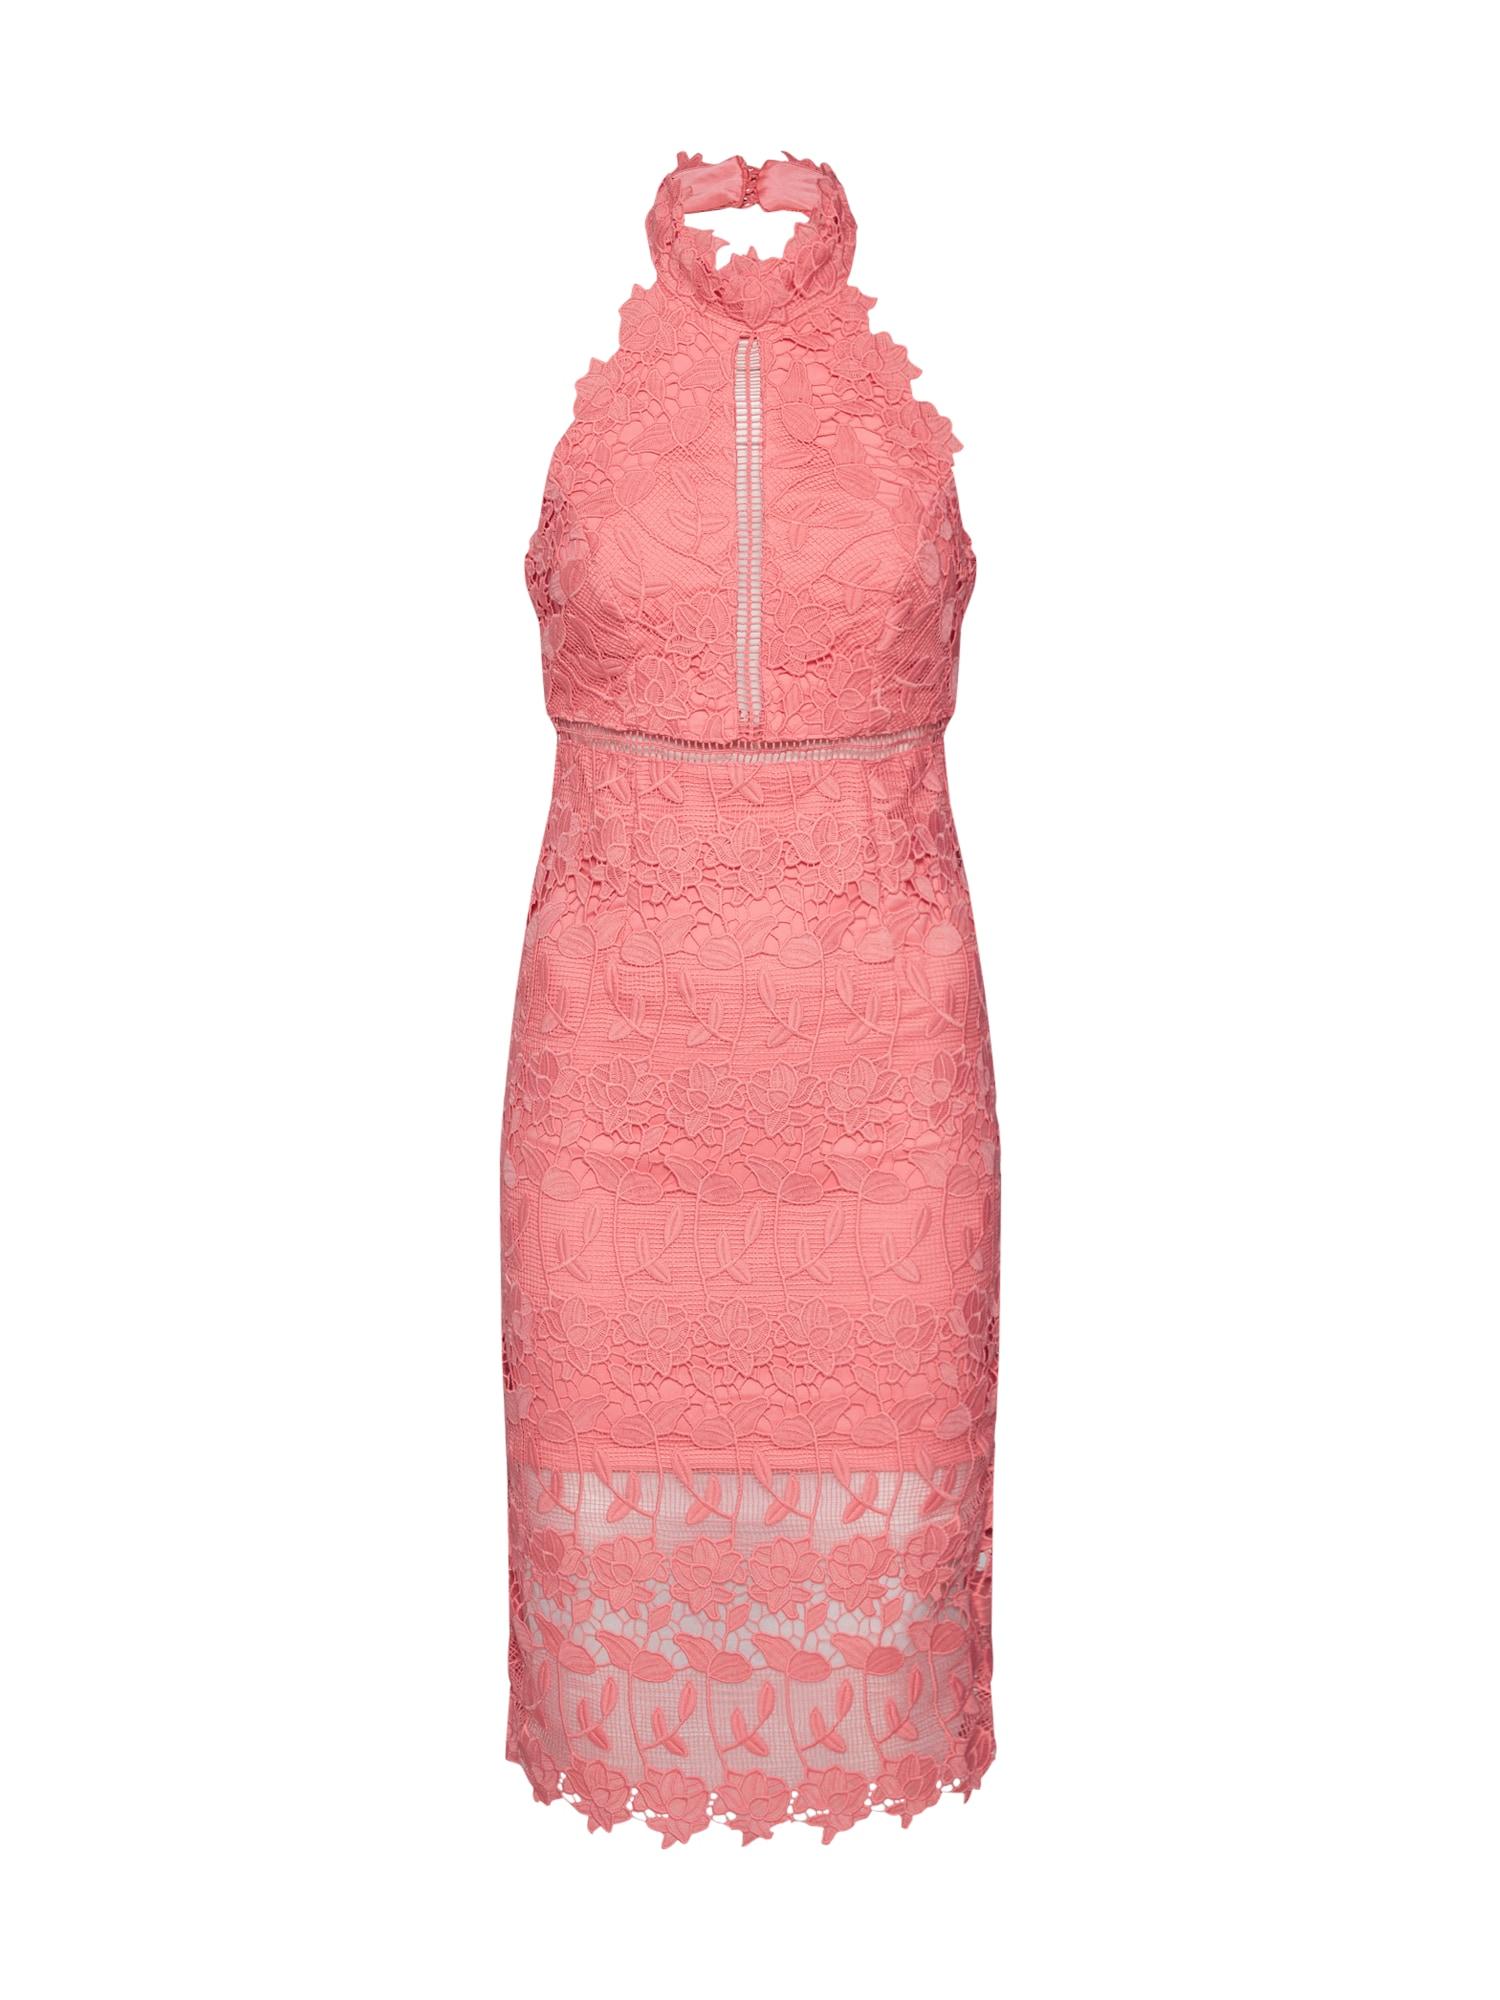 Koktejlové šaty NONI HALTER DRESS pink Bardot